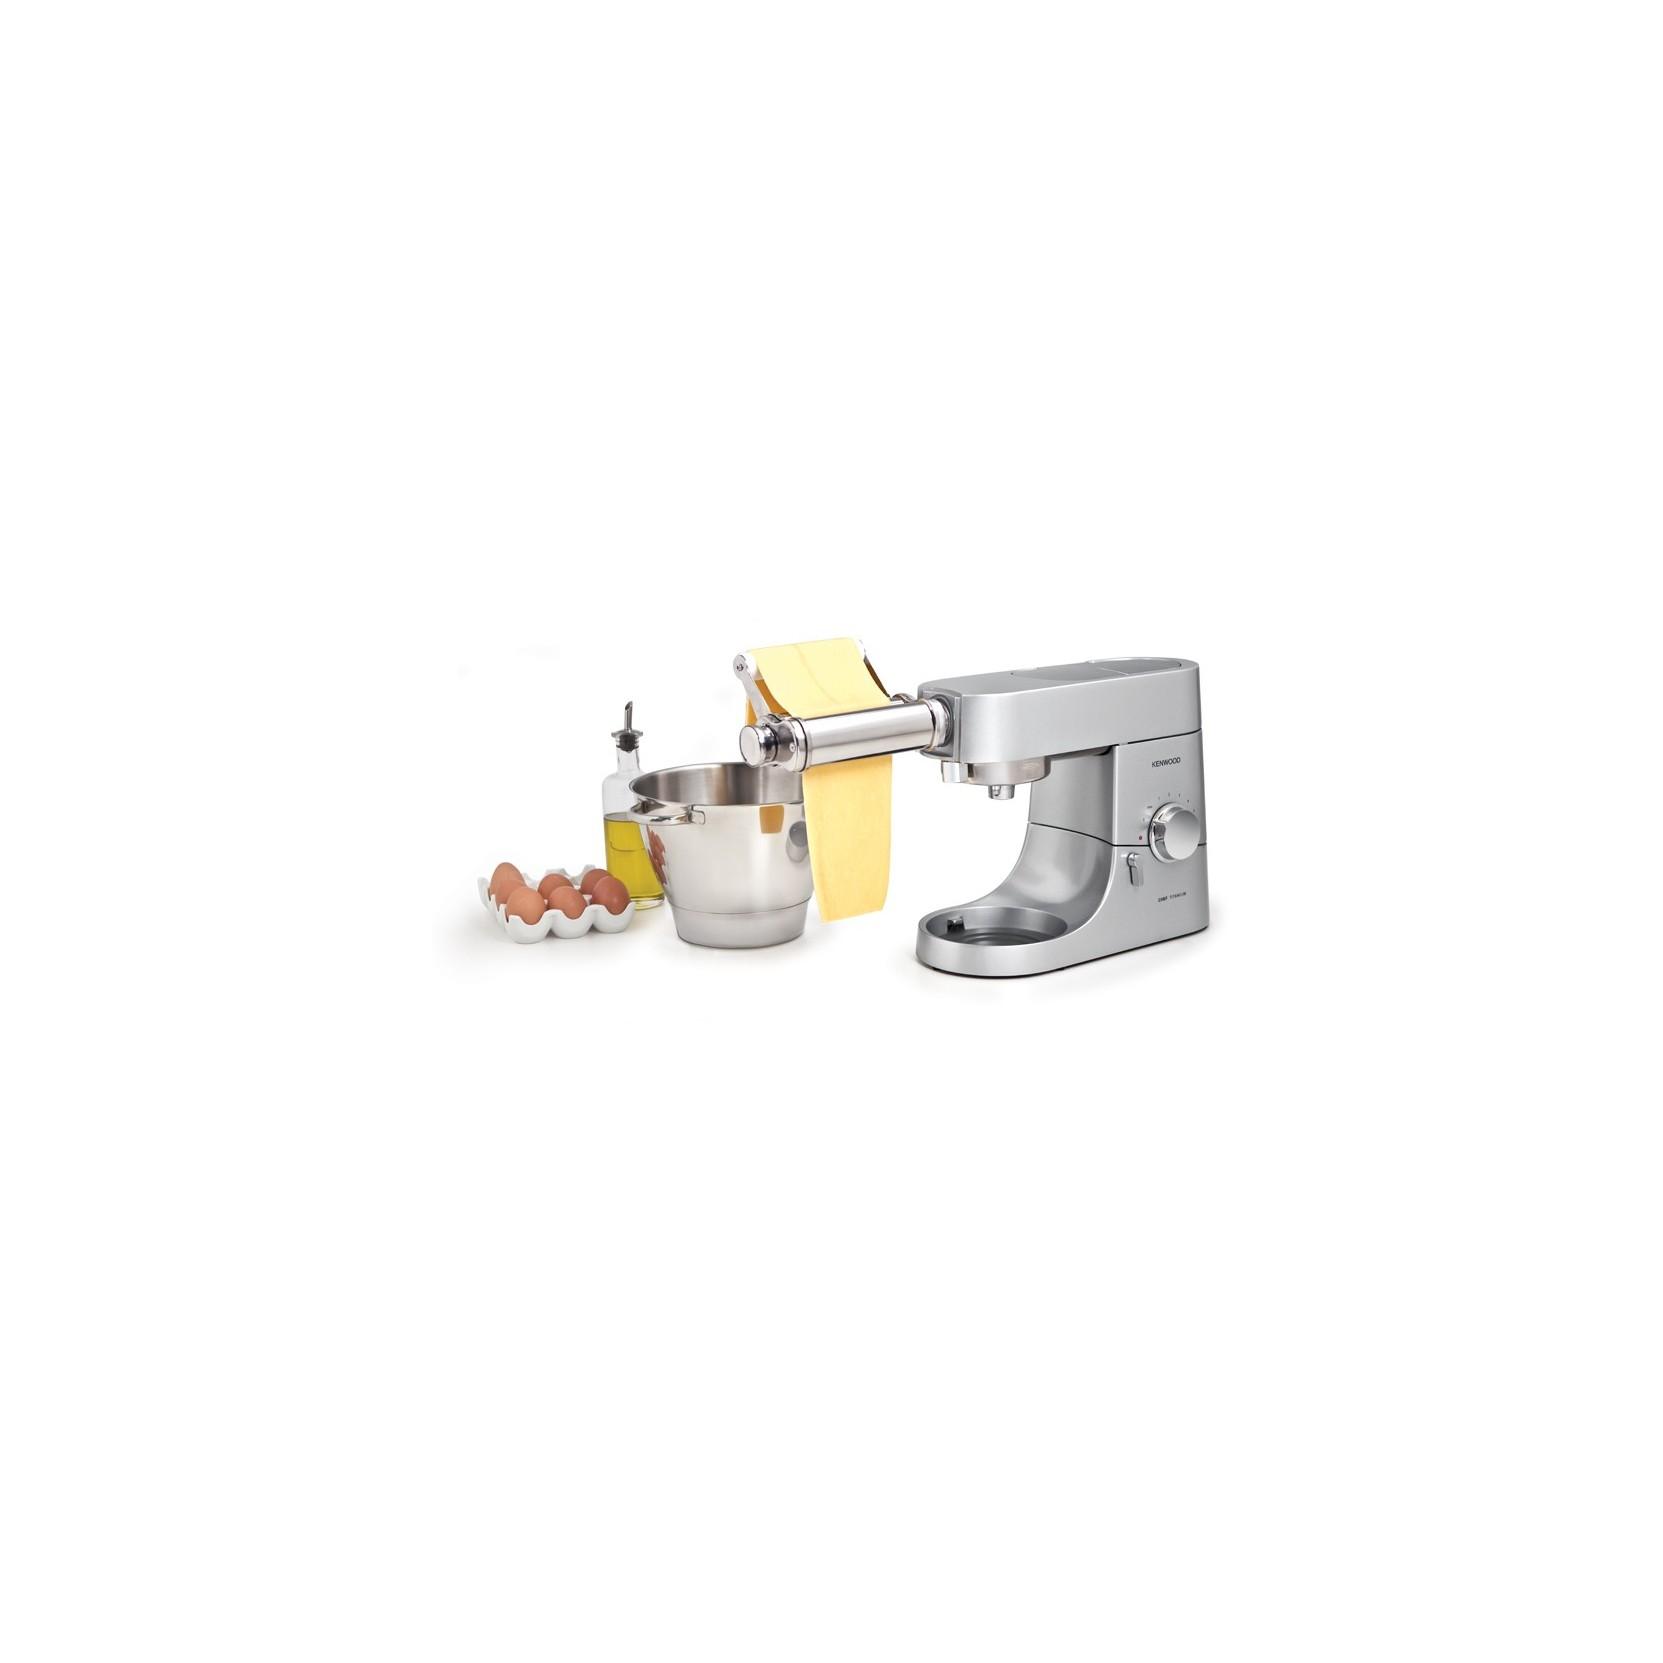 At970 kenwood accessorio sfogliatrice per impastatrici chef e major - Impastatrice per pasta fatta in casa ...